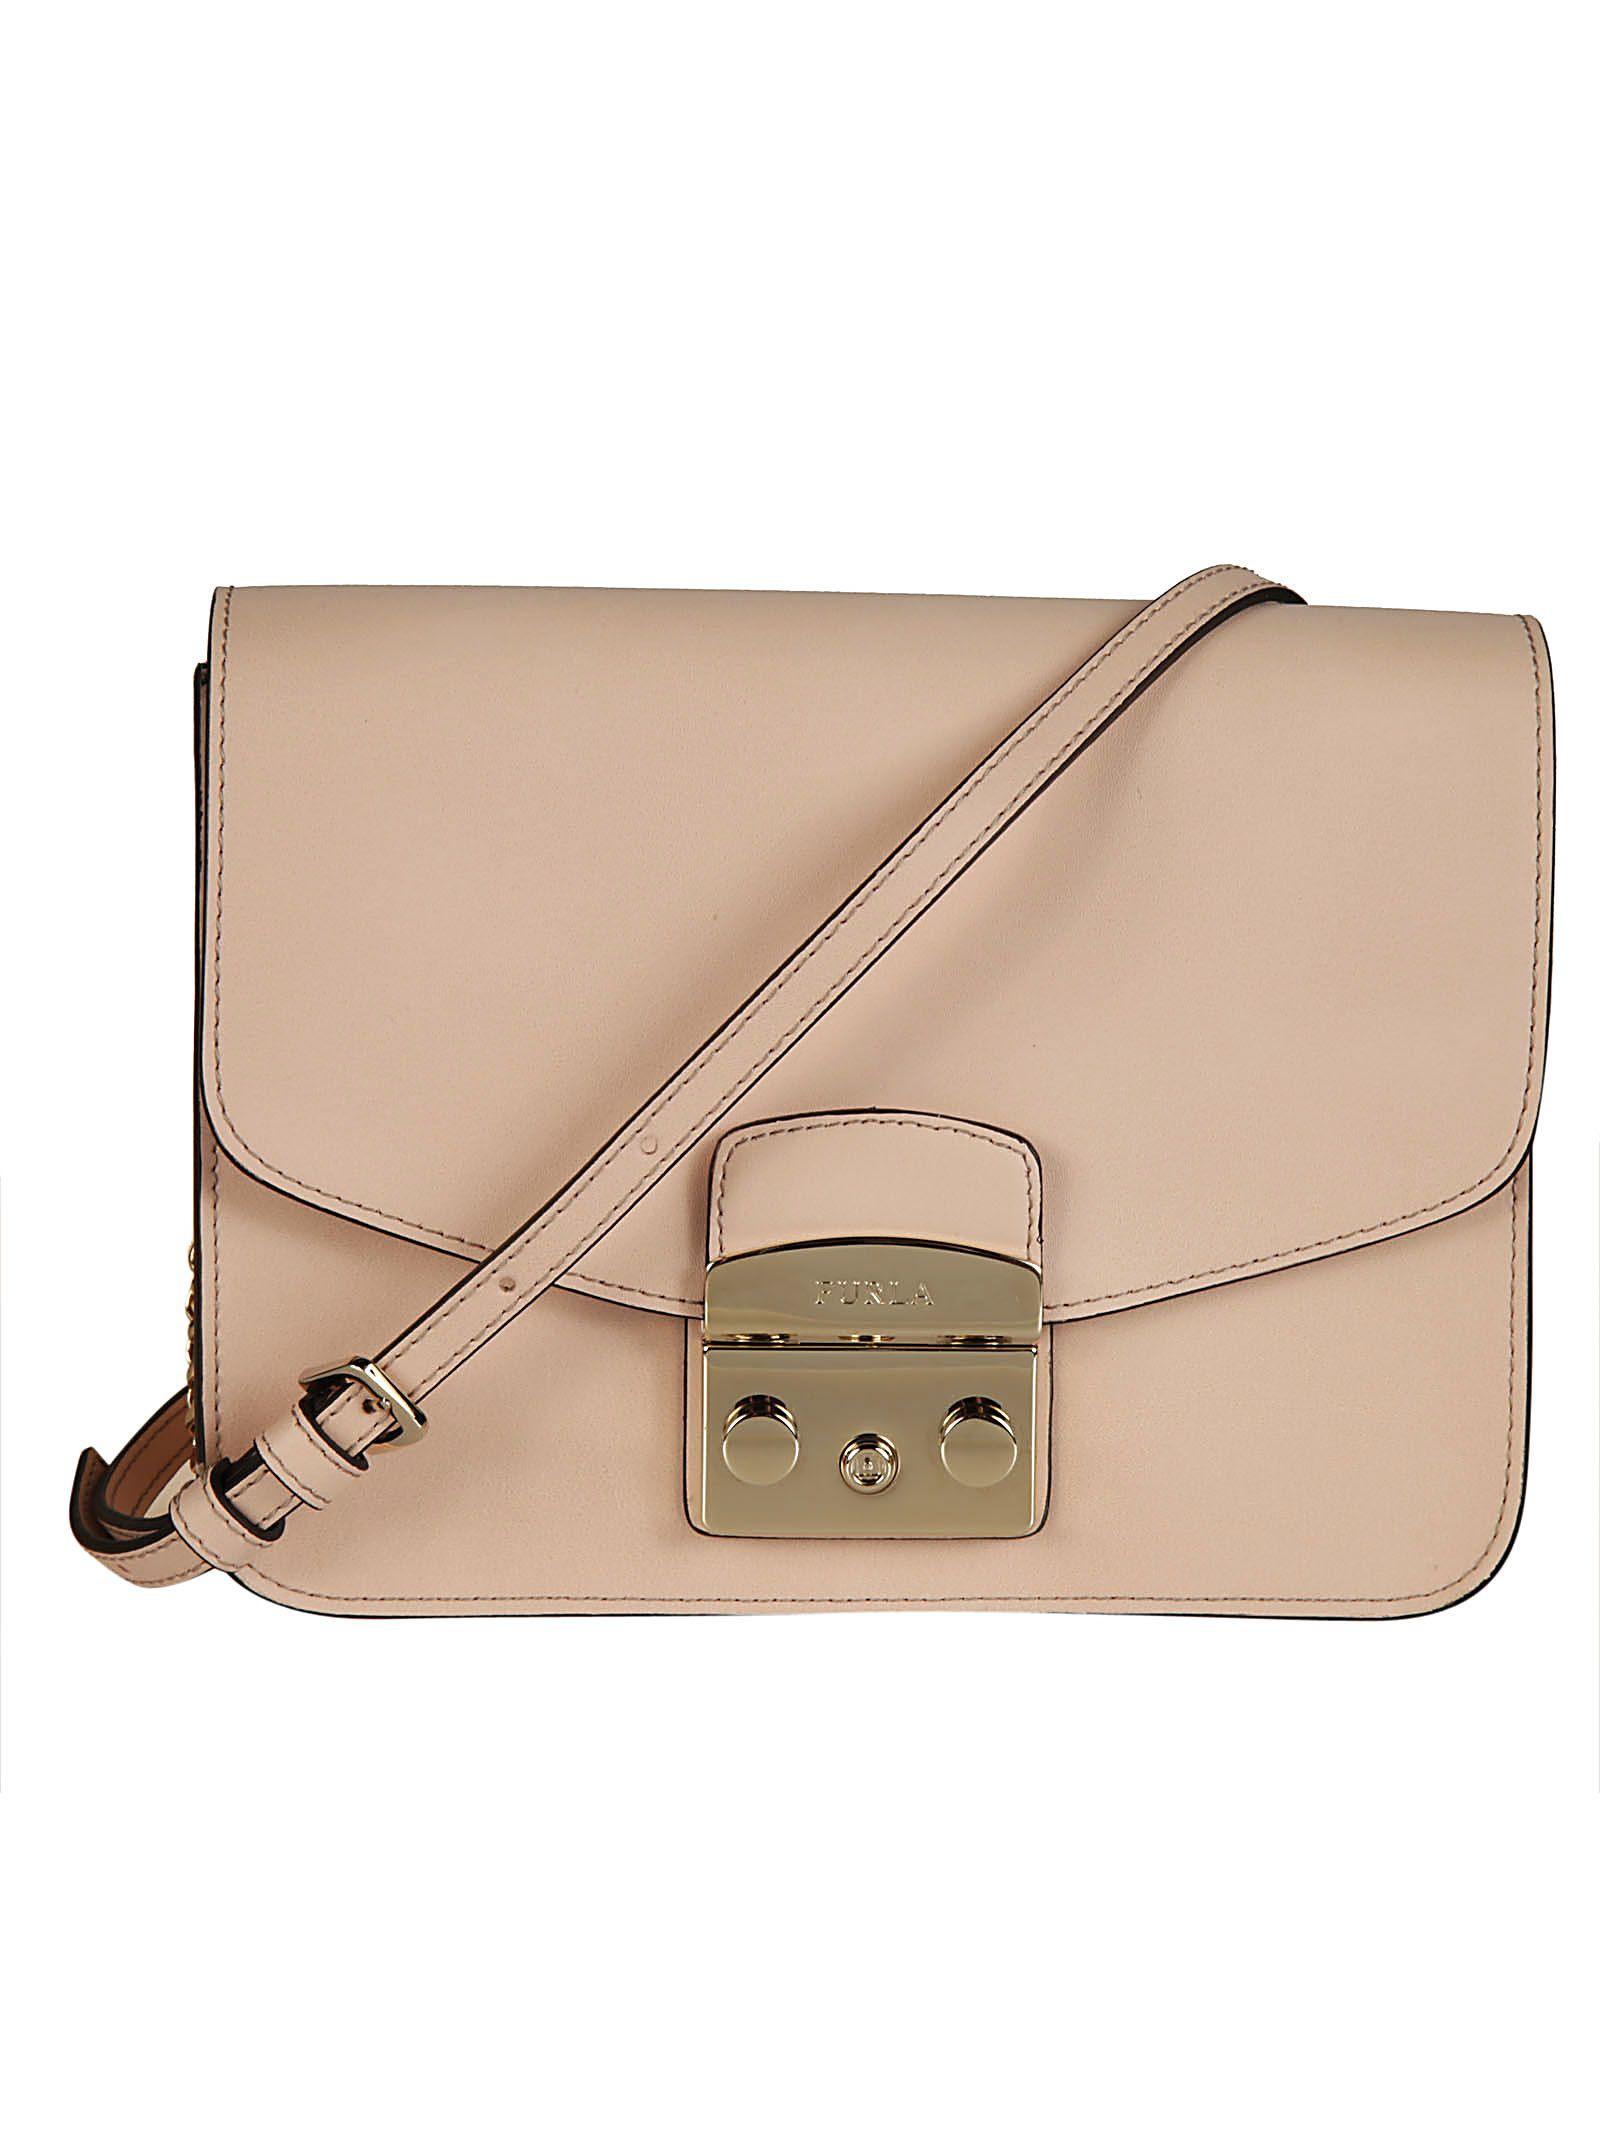 fc748cfed Furla Furla Metropolis Shoulder Bag - pink - 10552540 | italist